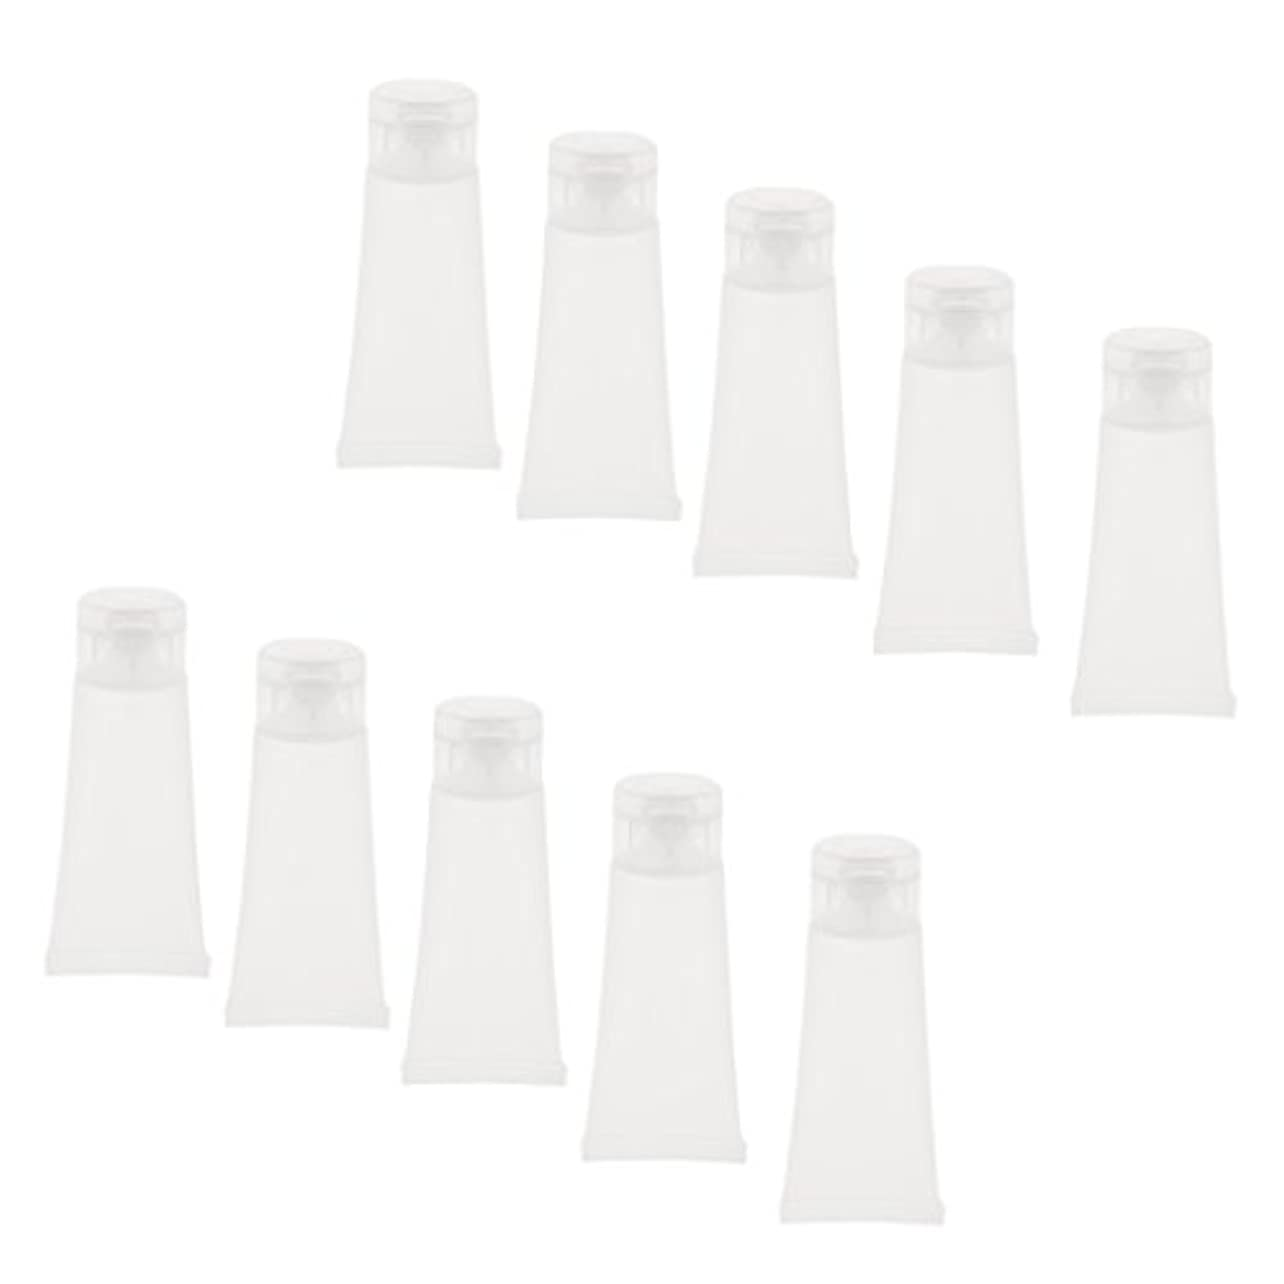 ホールドラテンスタッフ10個 空チューブ クリームチューブ 透明 プラスチック製 コスメ 詰替え メイクアップ ローション コンテナ 収納ボトル 2サイズ選べる - 15g